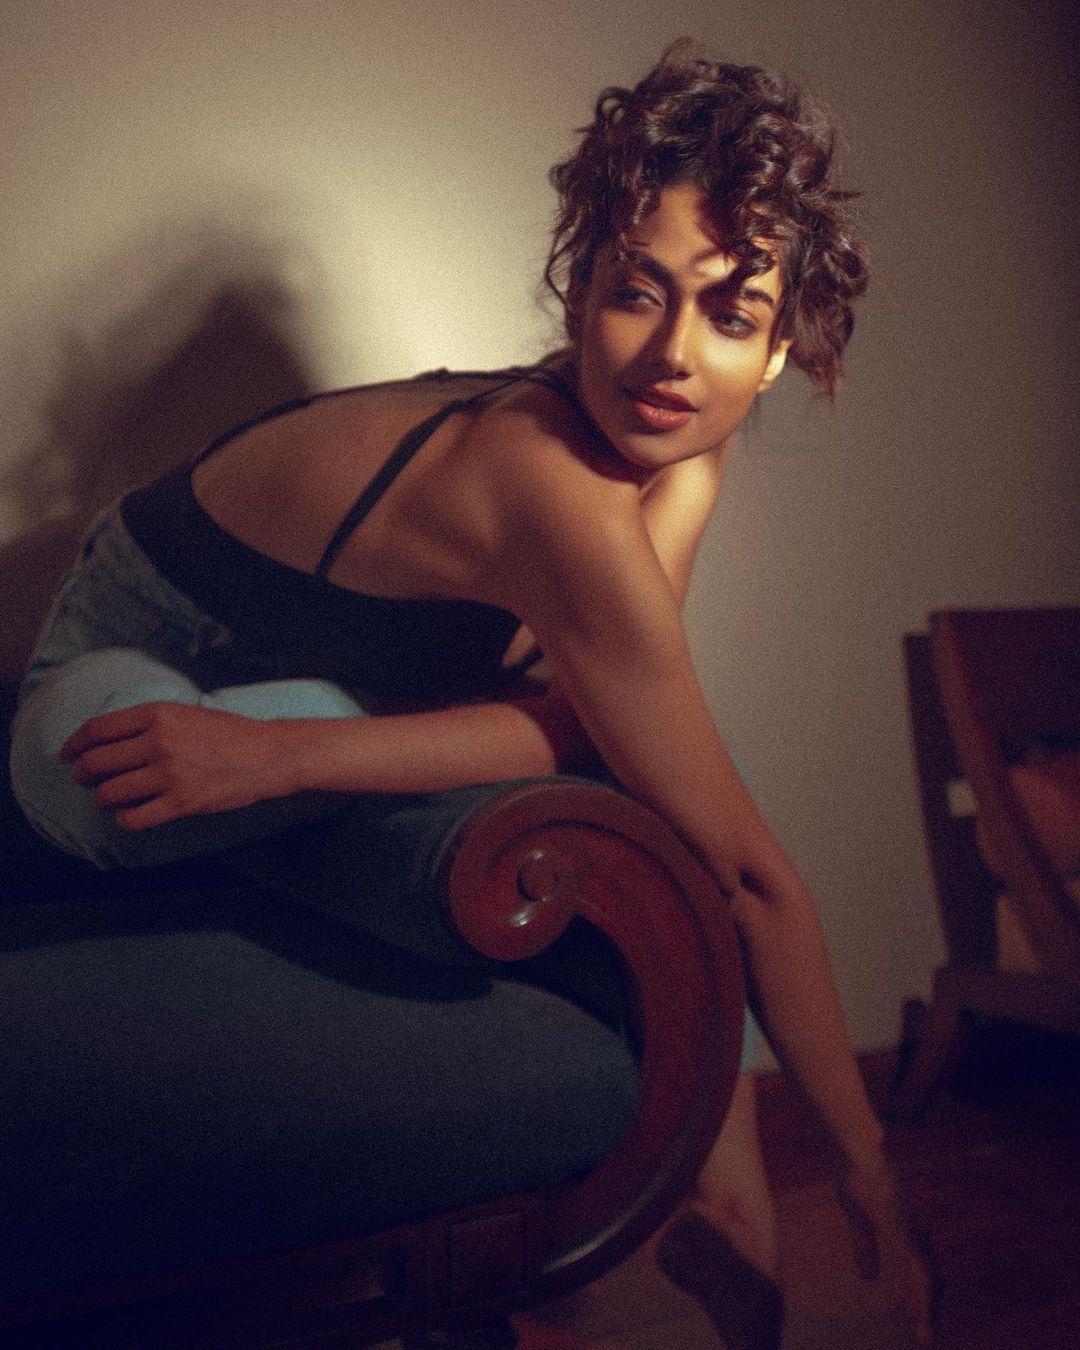 Meenakshii Chaudhary hot photo shoot and navel photos